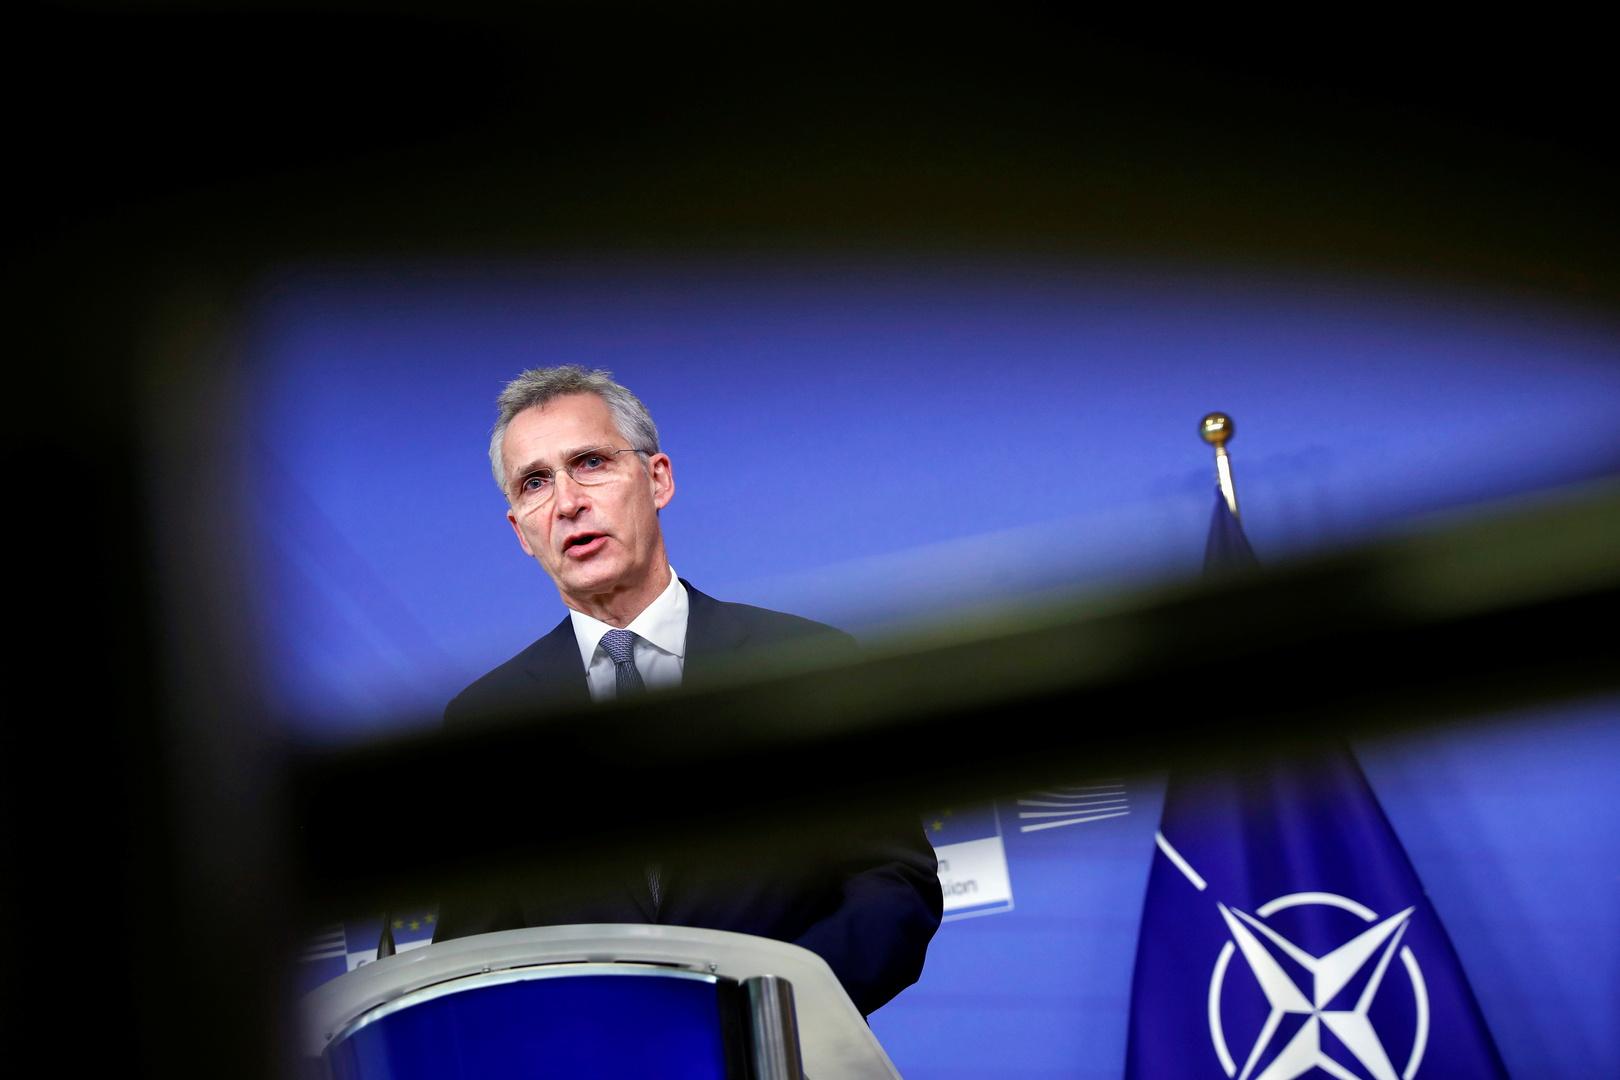 ستولتنبرغ: قرار التدخل في أفغانستان كان صحيحا وعلى الناتو أن يستعد لاستخدام القوة مجددا